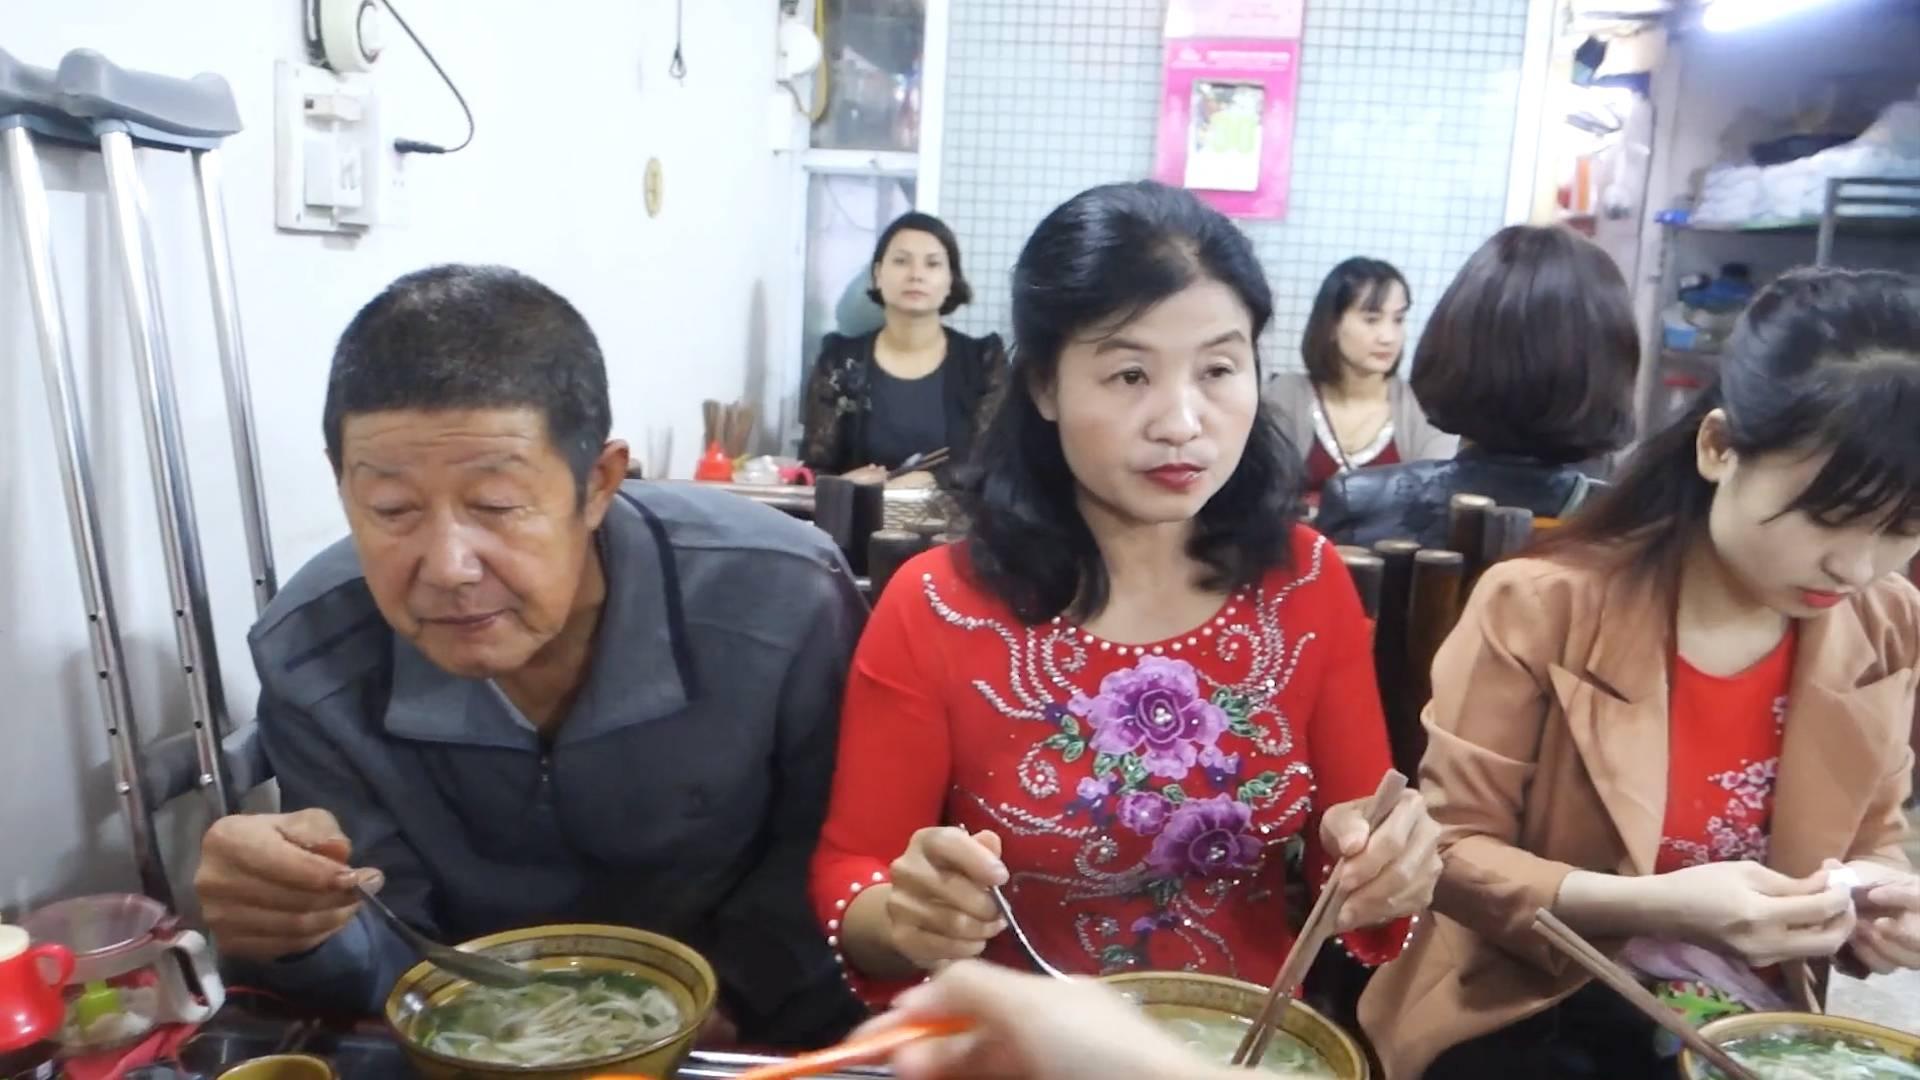 越南全家人跟中国亲家一起出去吃早饭,包了整个店好热闹